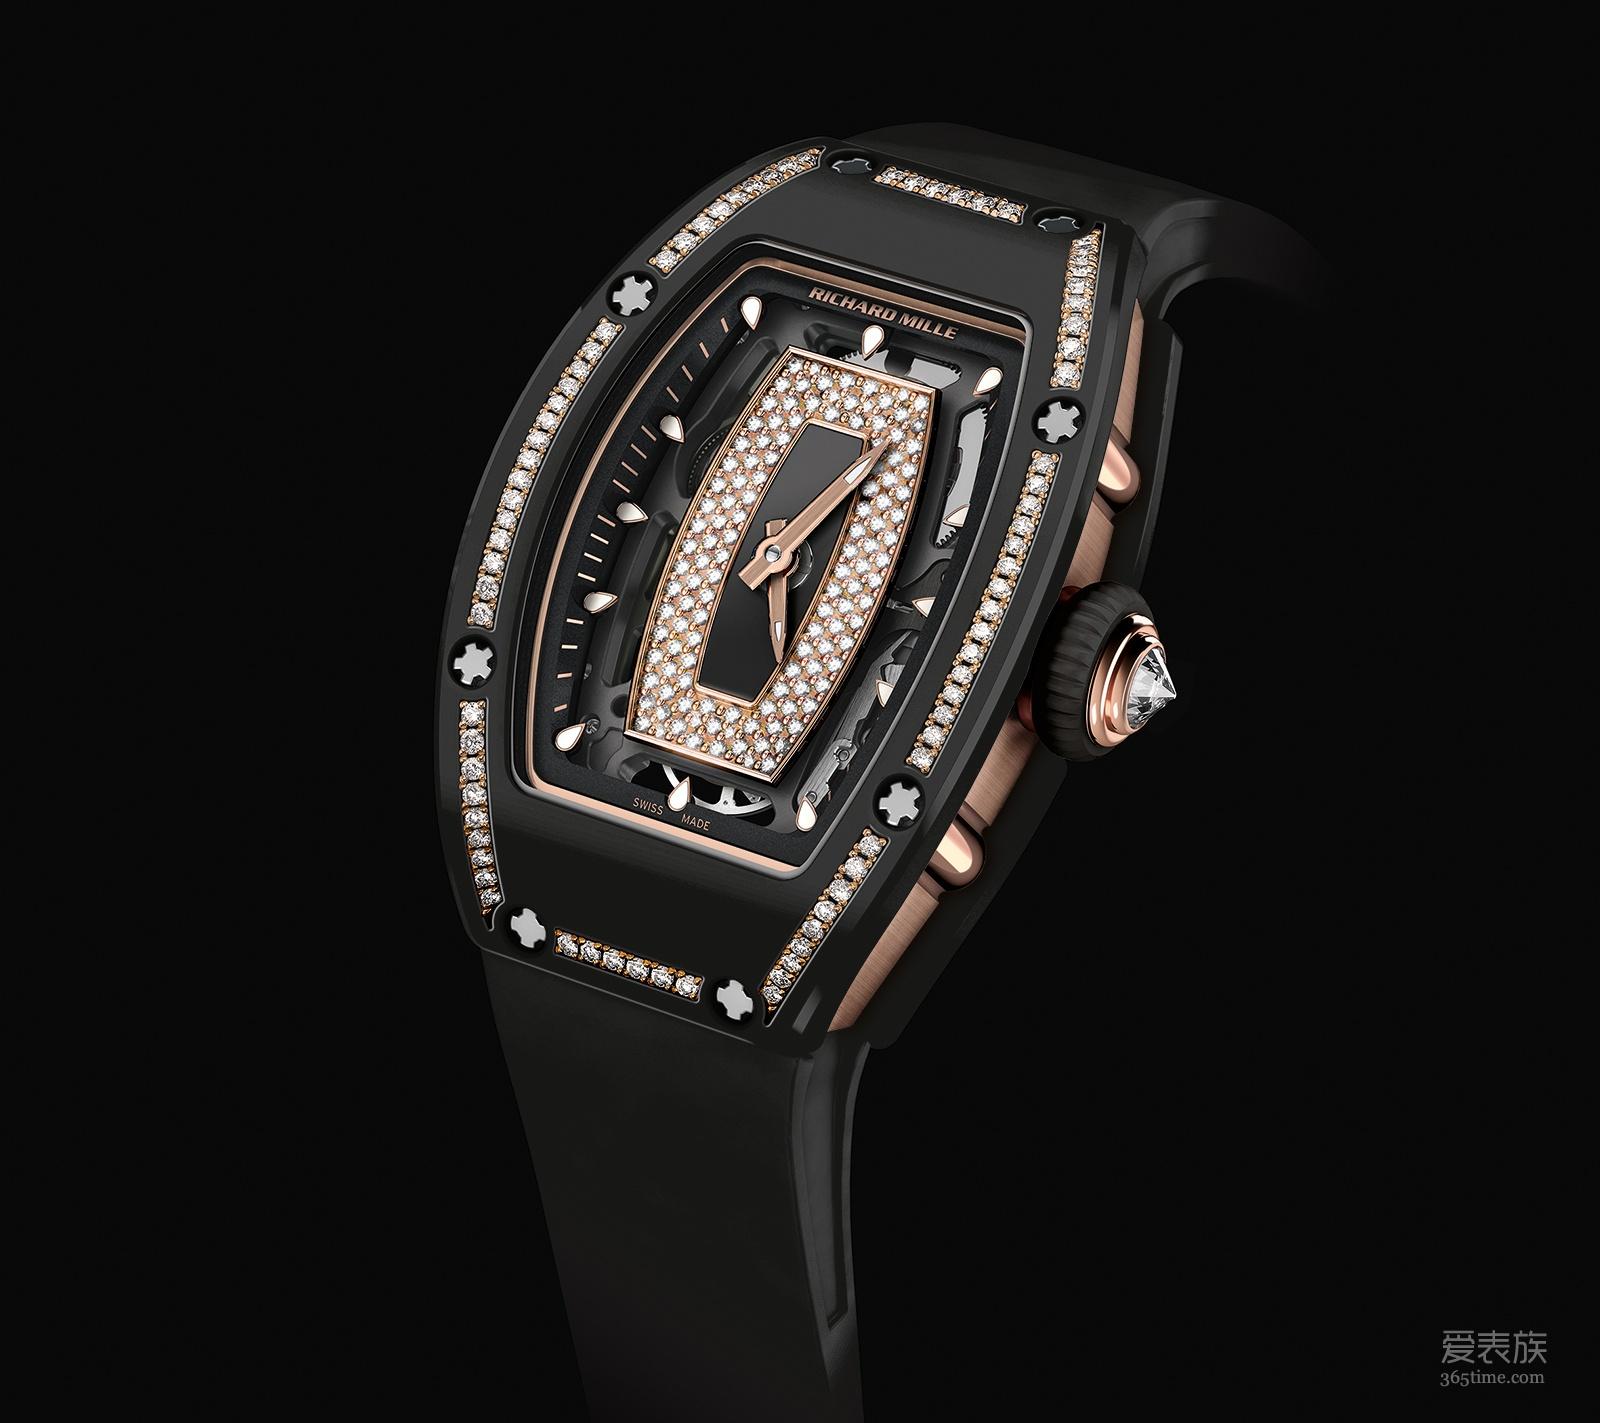 陶瓷镶钻,前所未见——理查德米勒RM 07-01腕表